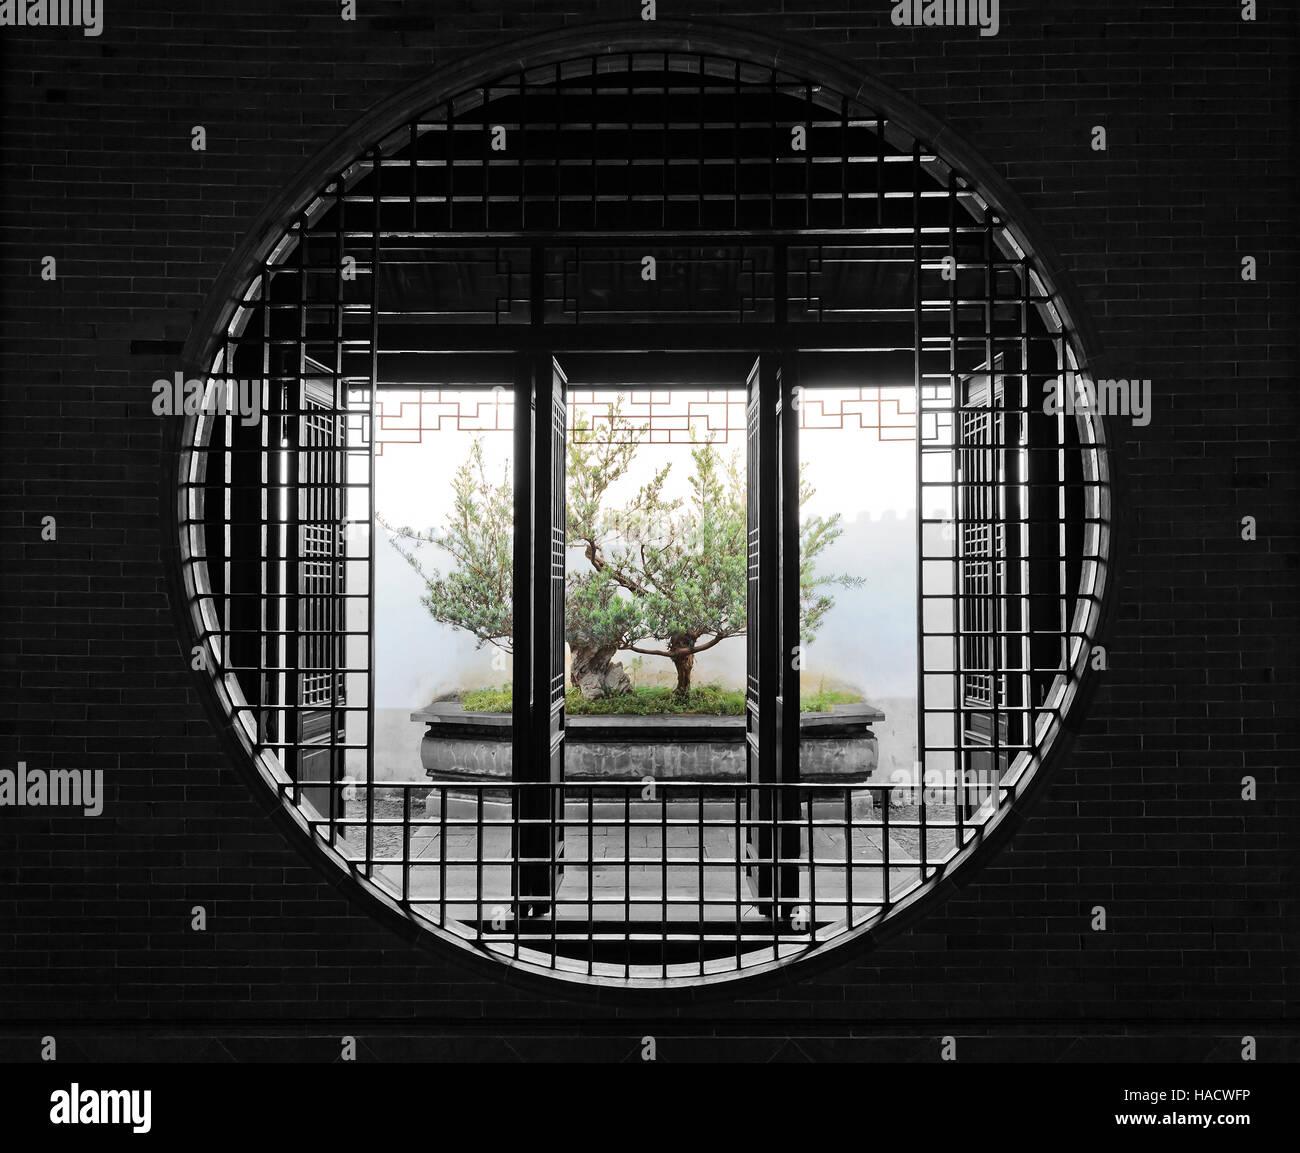 Gemauerte Wand Und Runde Fenster Tür Durch Chinesische Garten Und Kleinen  Bonsai Baum In Einem Topf Zu öffnen.